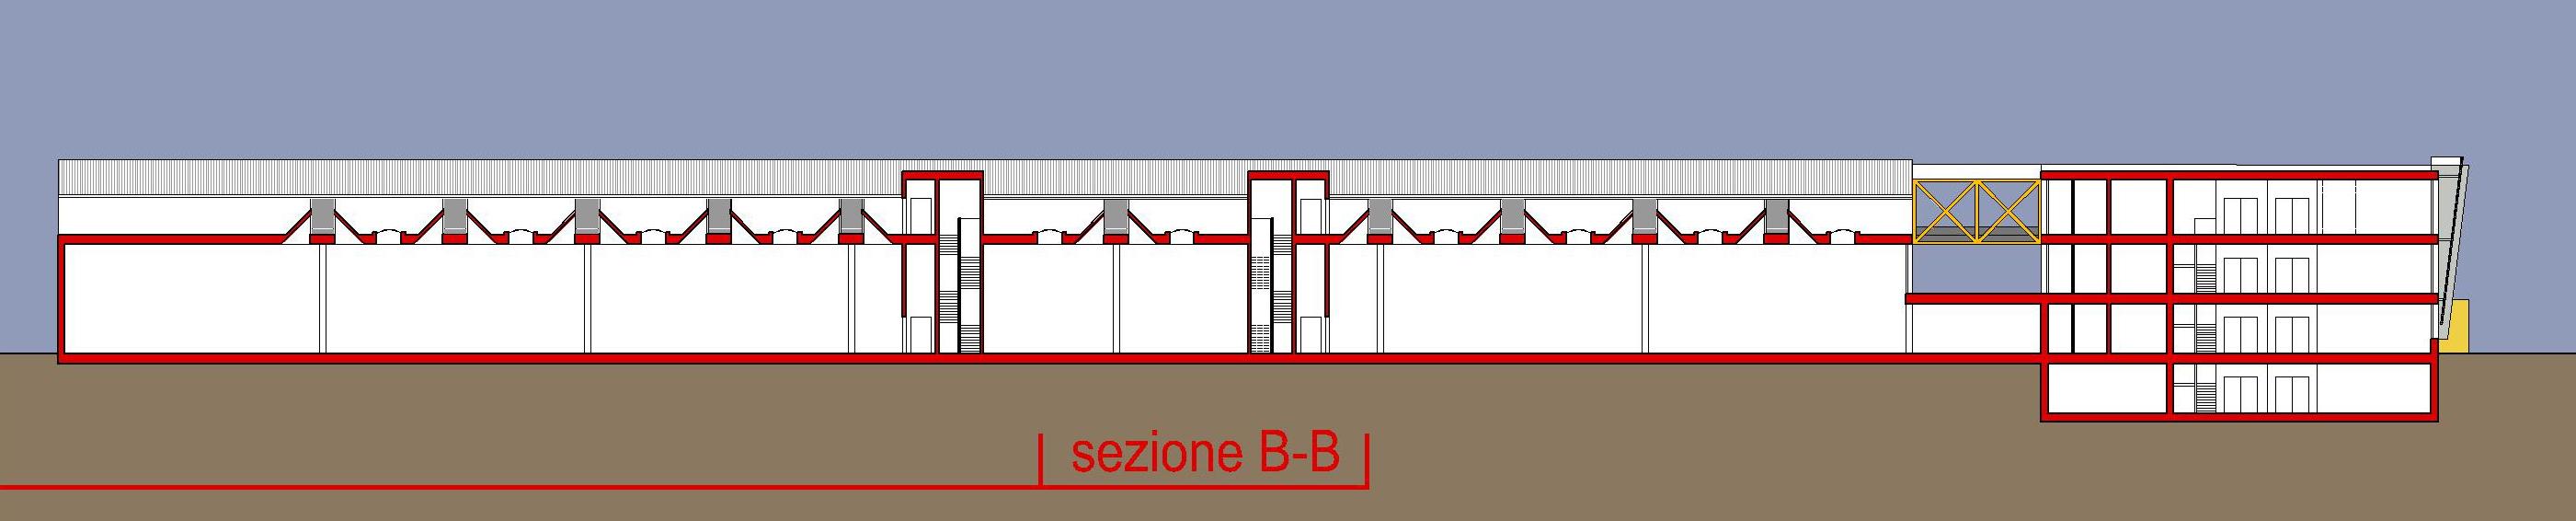 tav04-sezb.jpg